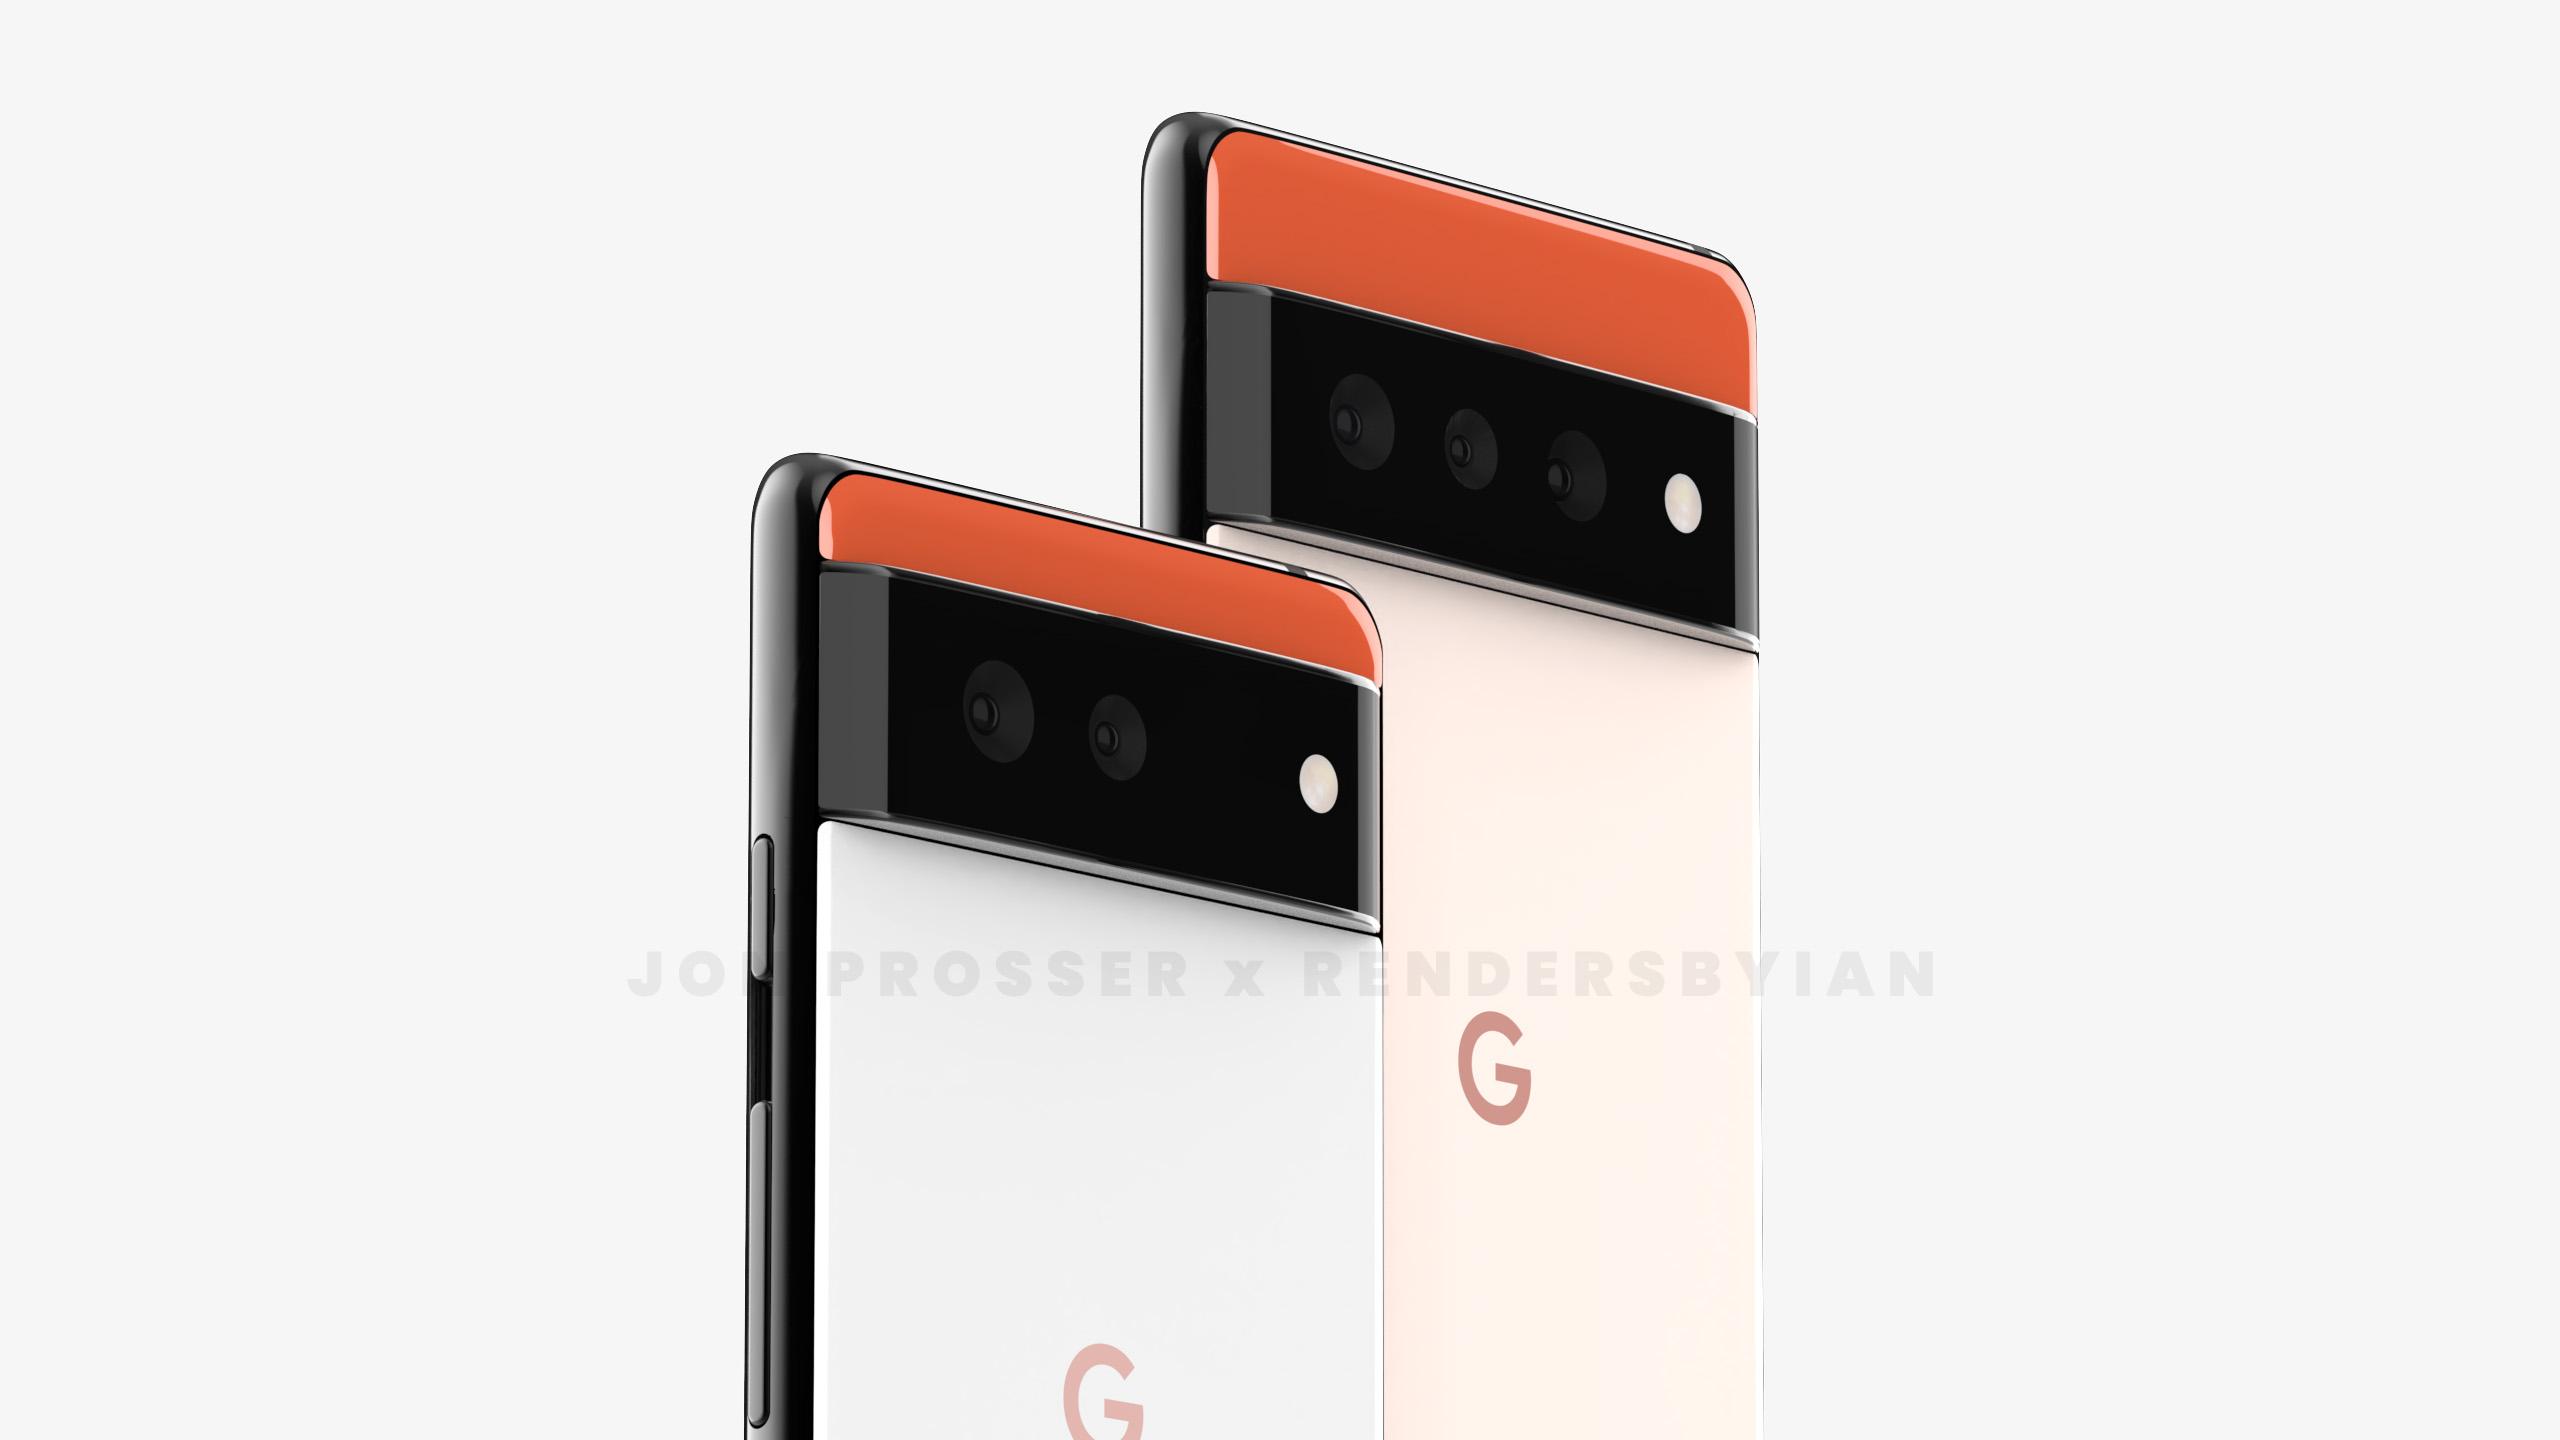 Le design du Google Pixel 6, les écouteurs Xiaomi FlipBuds Pro et le renouveau de Windows 10 – Tech'spresso